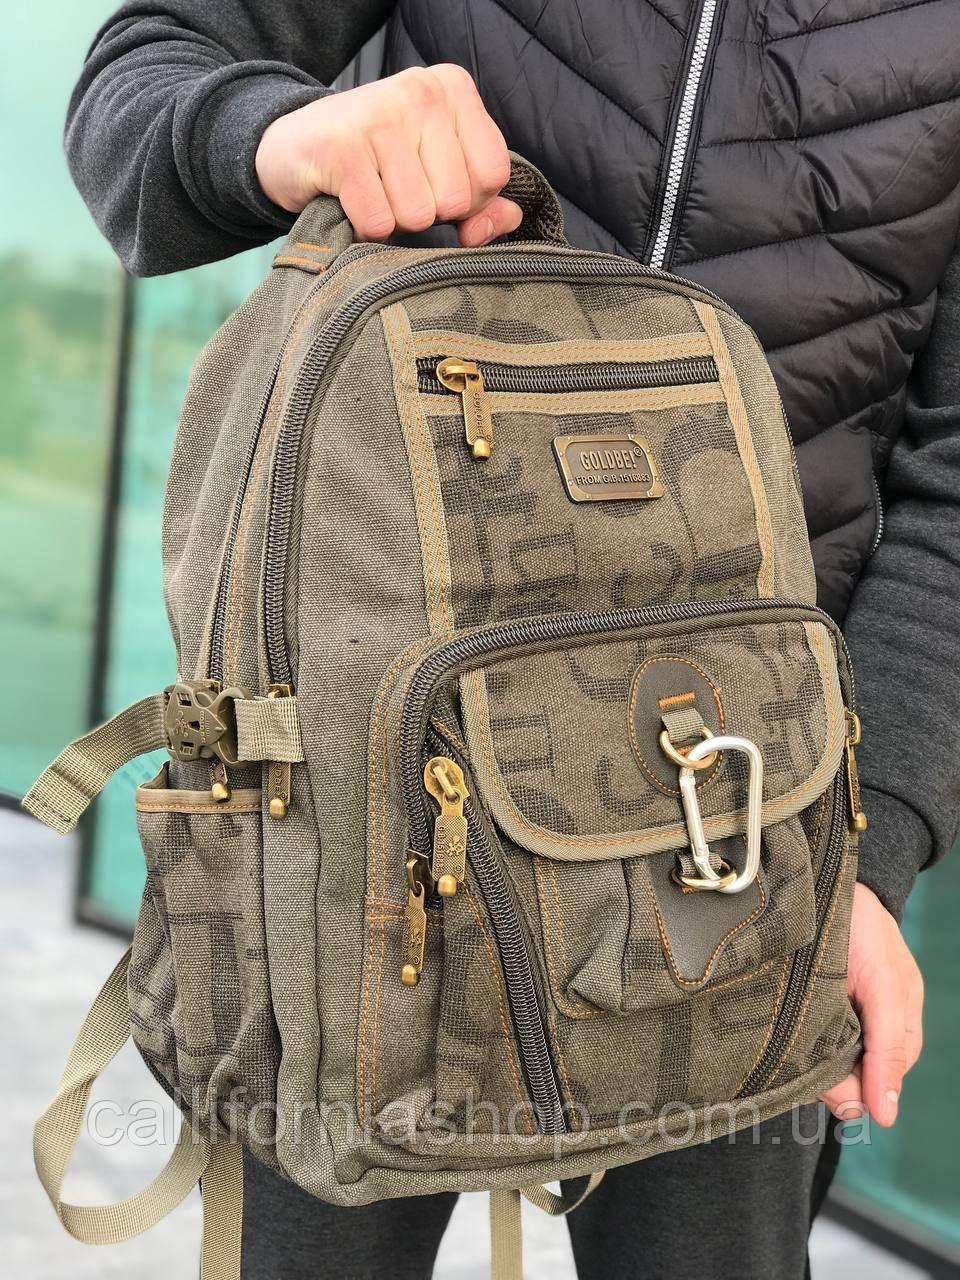 Брезентовий рюкзак GOLD Be міської міцний надійний 20 літрів кольору хакі